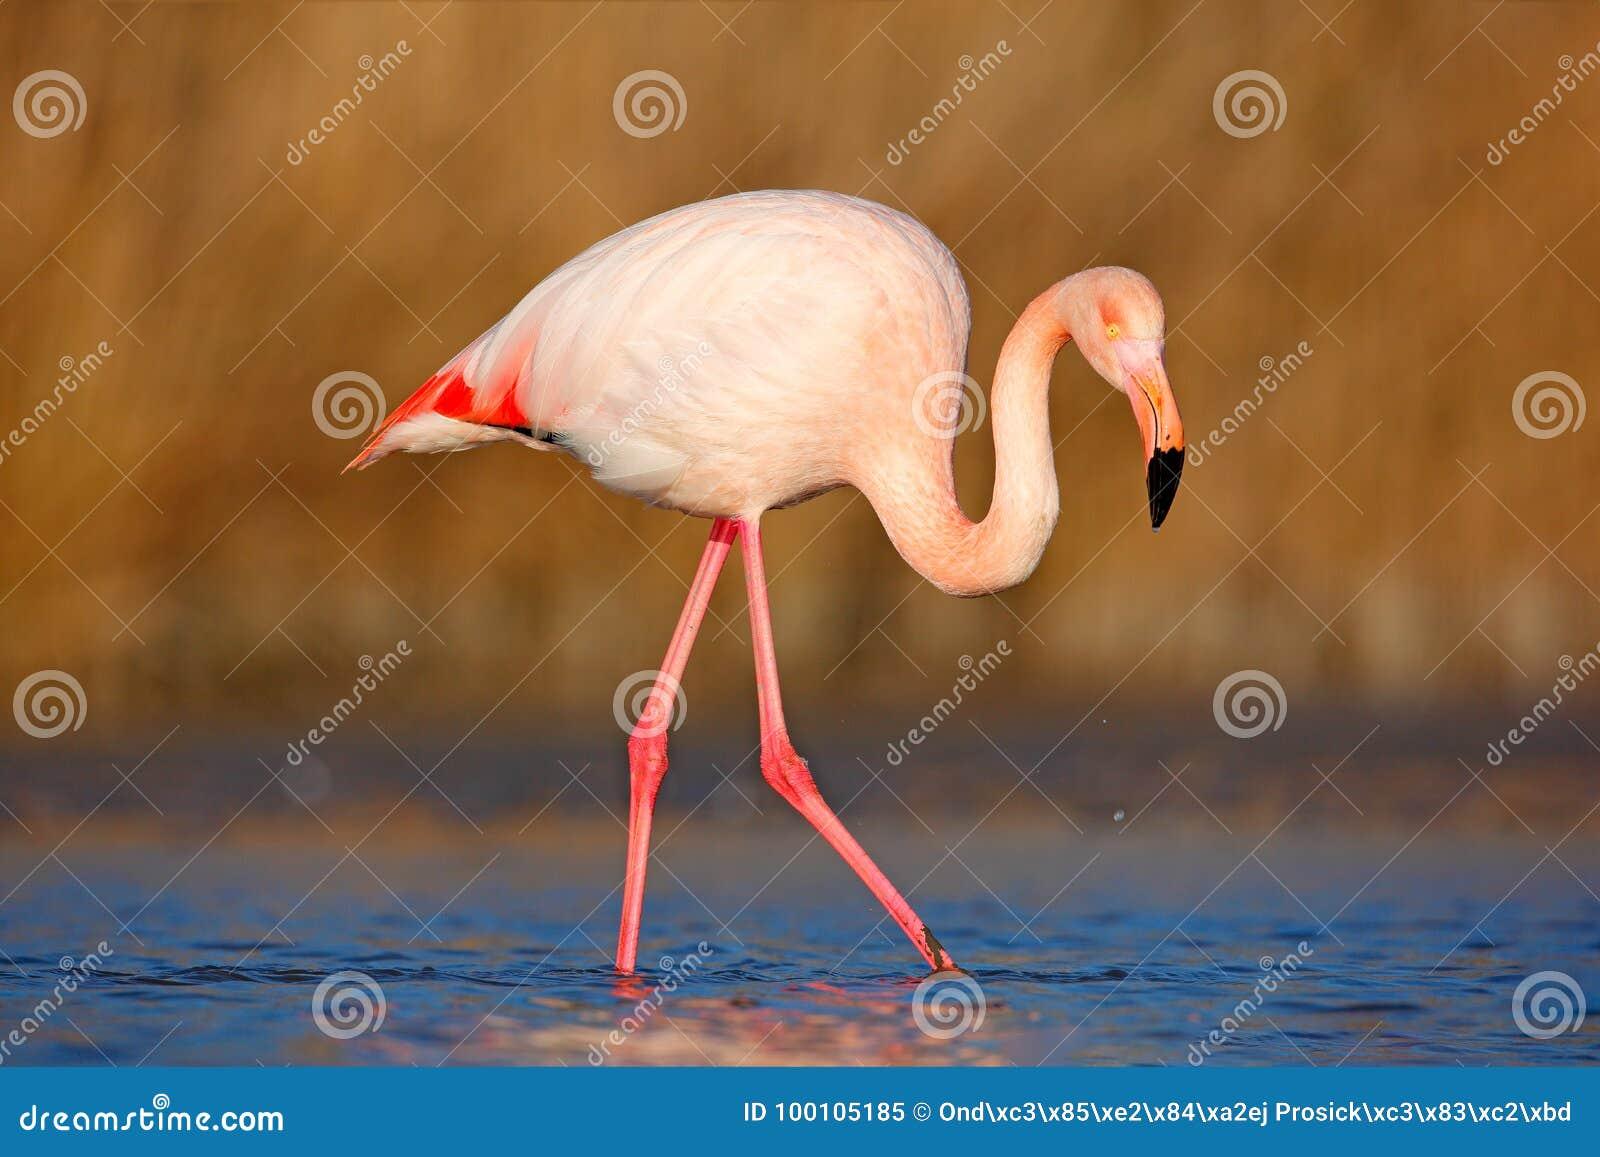 ηλικιωμένες μεγάλο πουλί δωρεάν πορνό κλιπ μεγάλες πούτσες